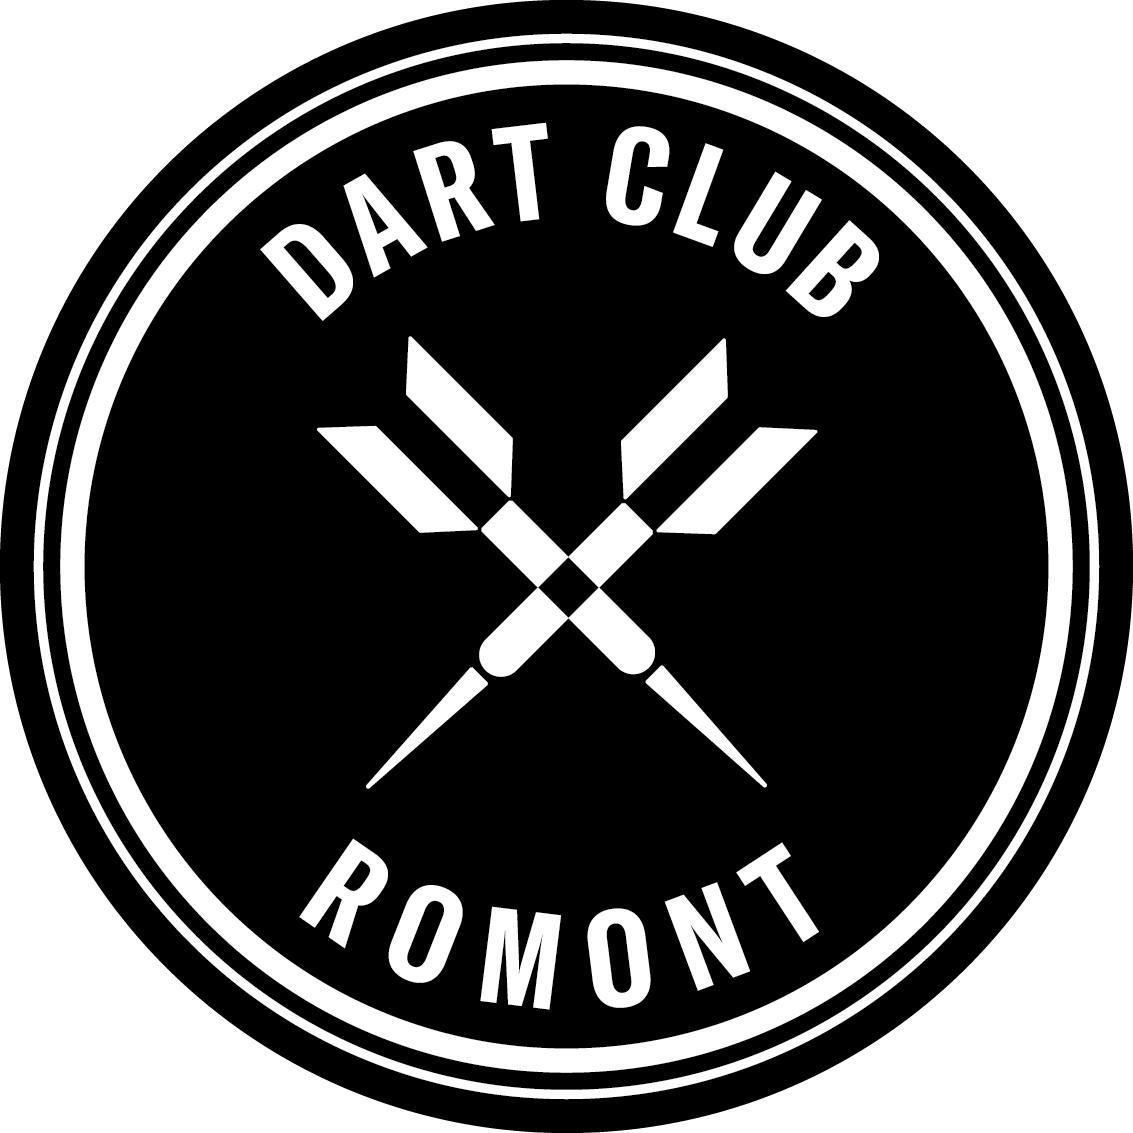 Dart Club Romont Galerie 2